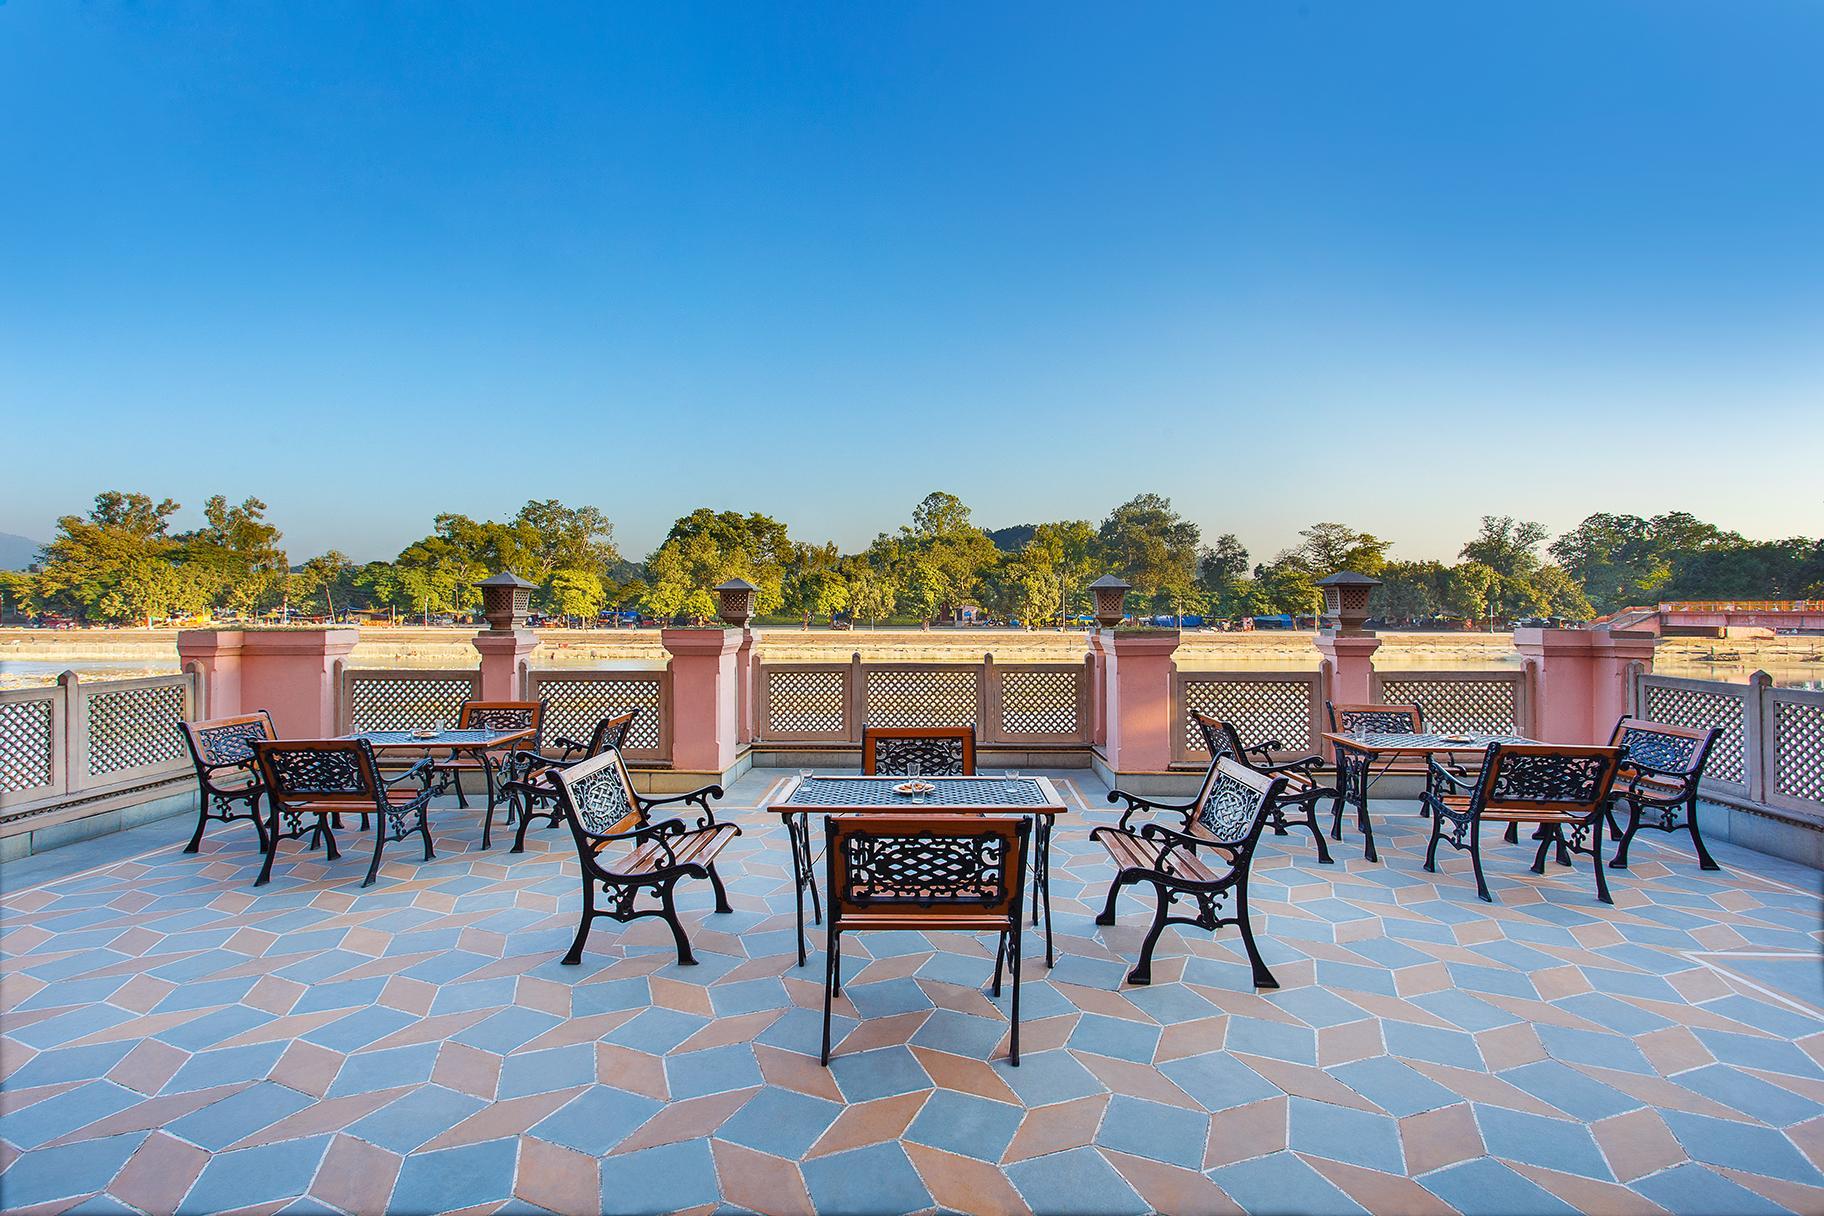 The Haveli Hari Ganga Hotel